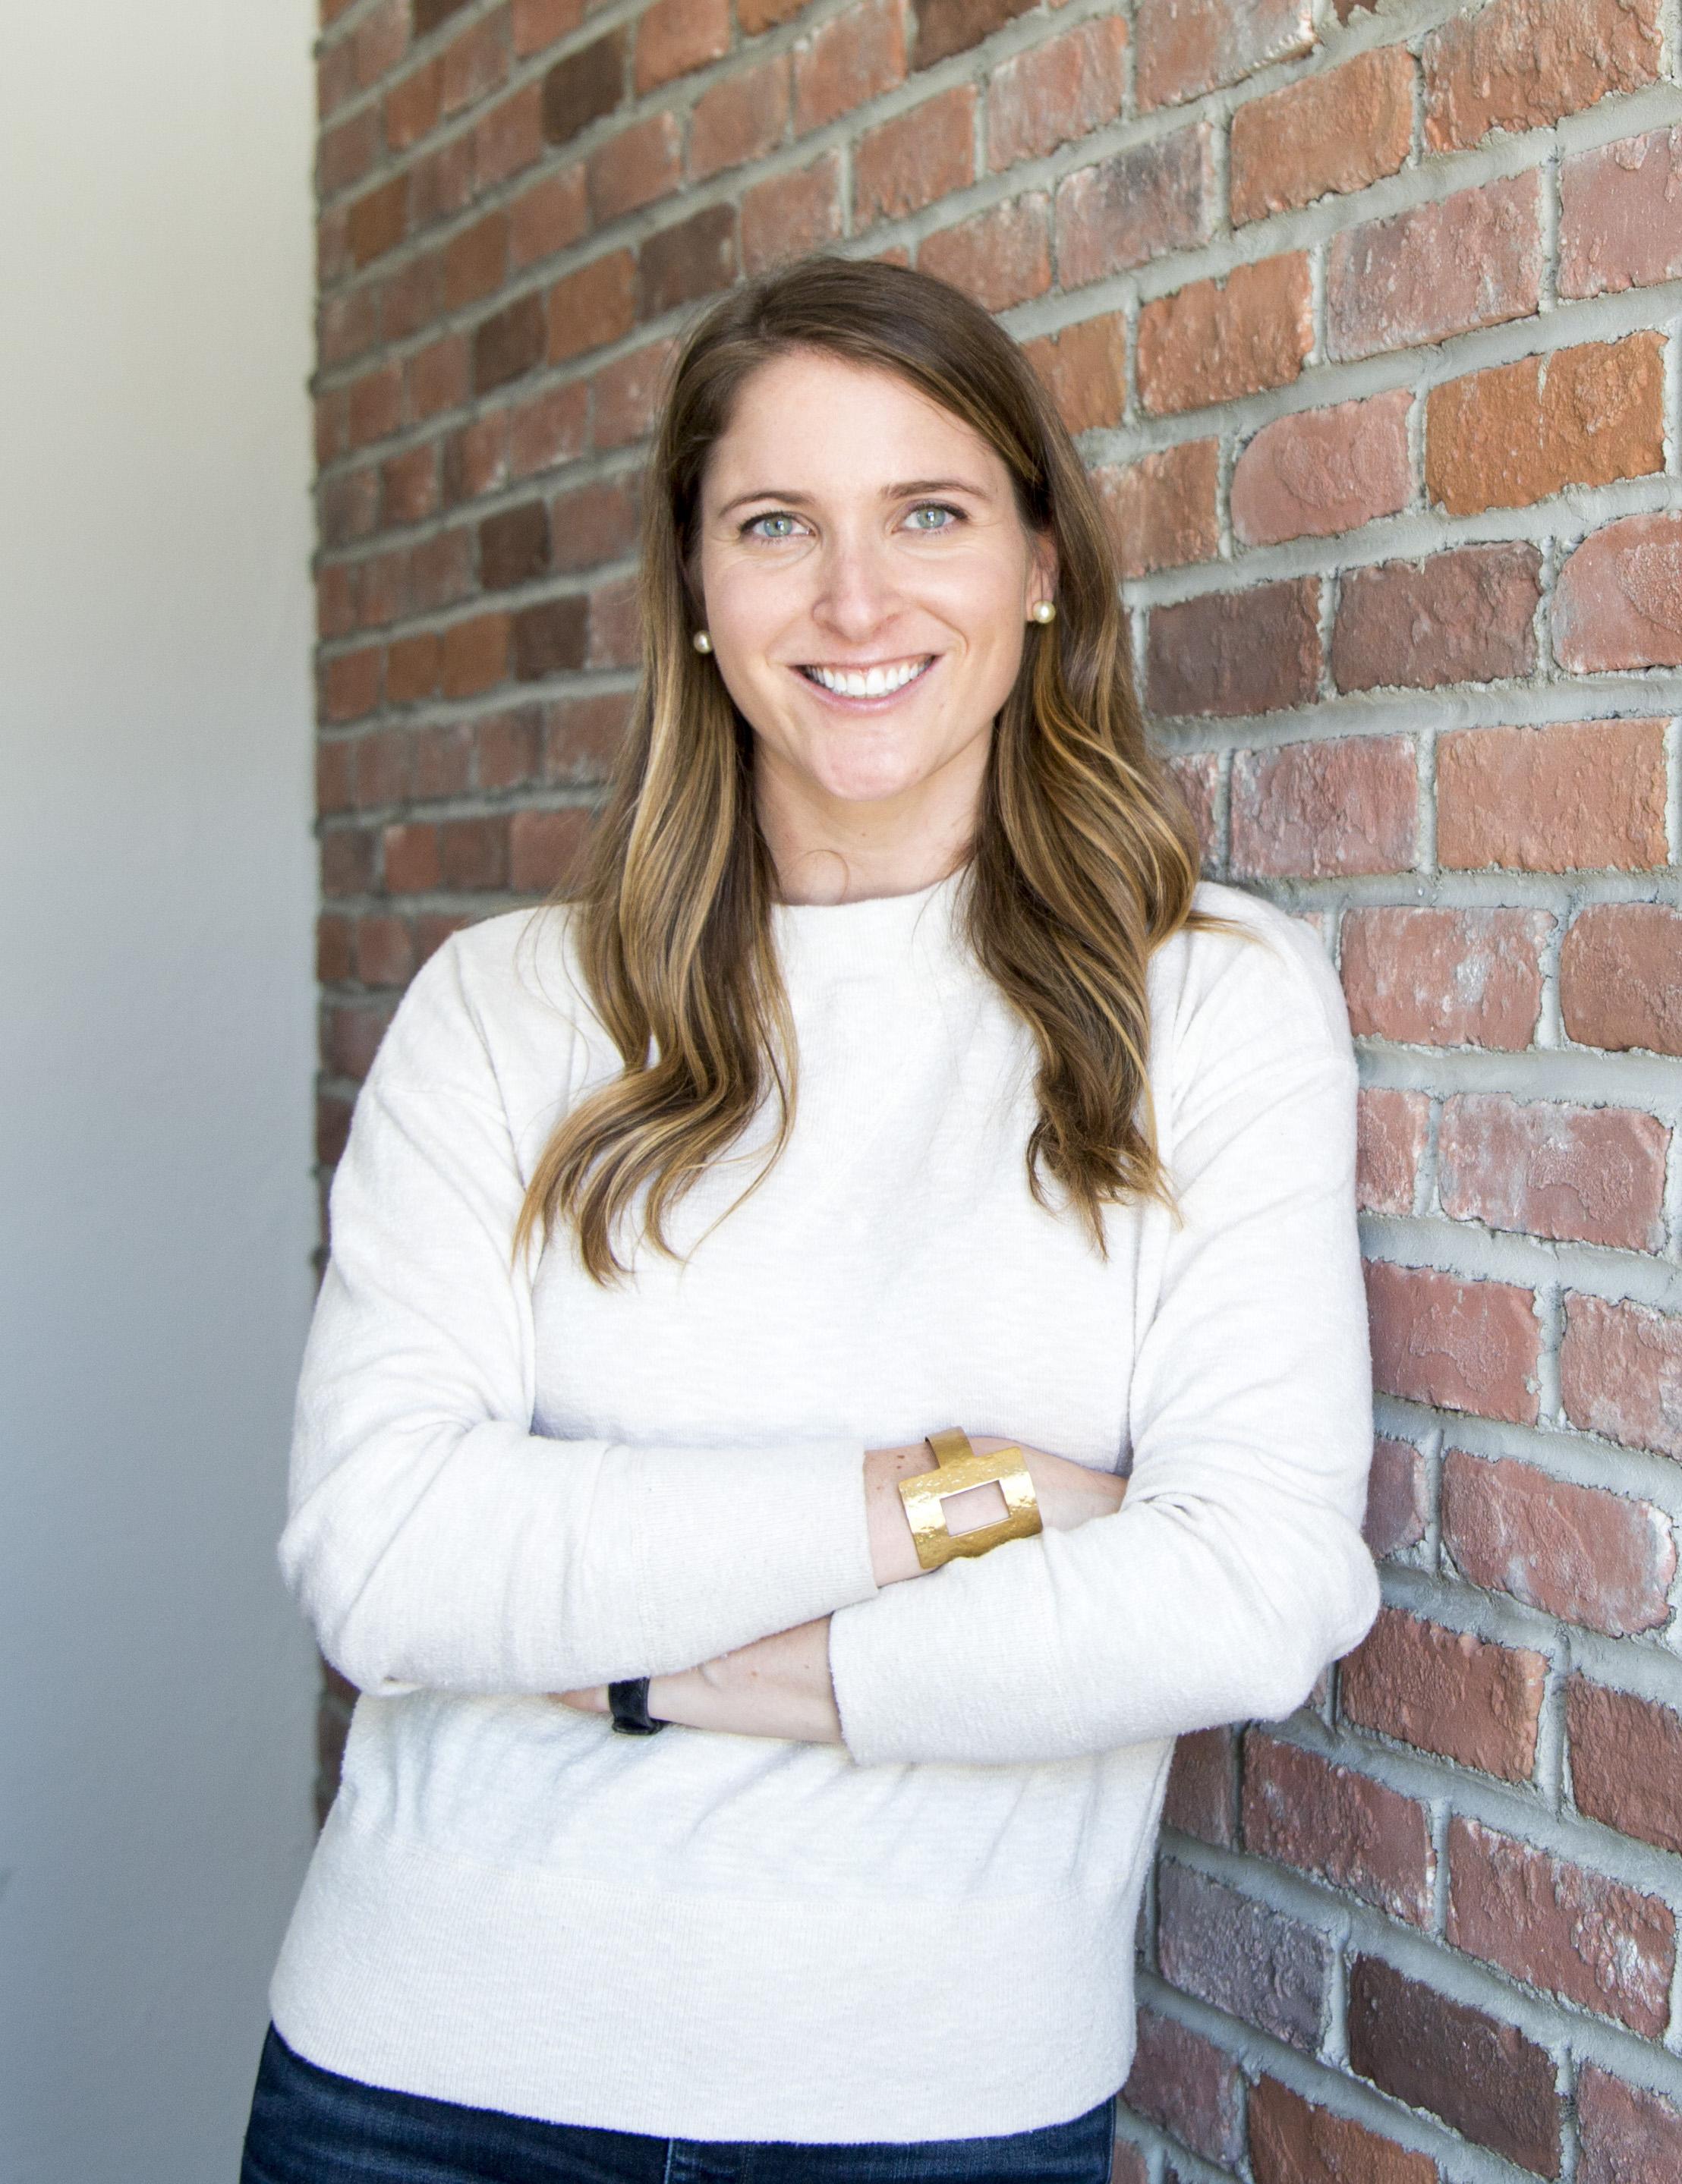 Jenna Kerner   Co-founder, Harper Wilde